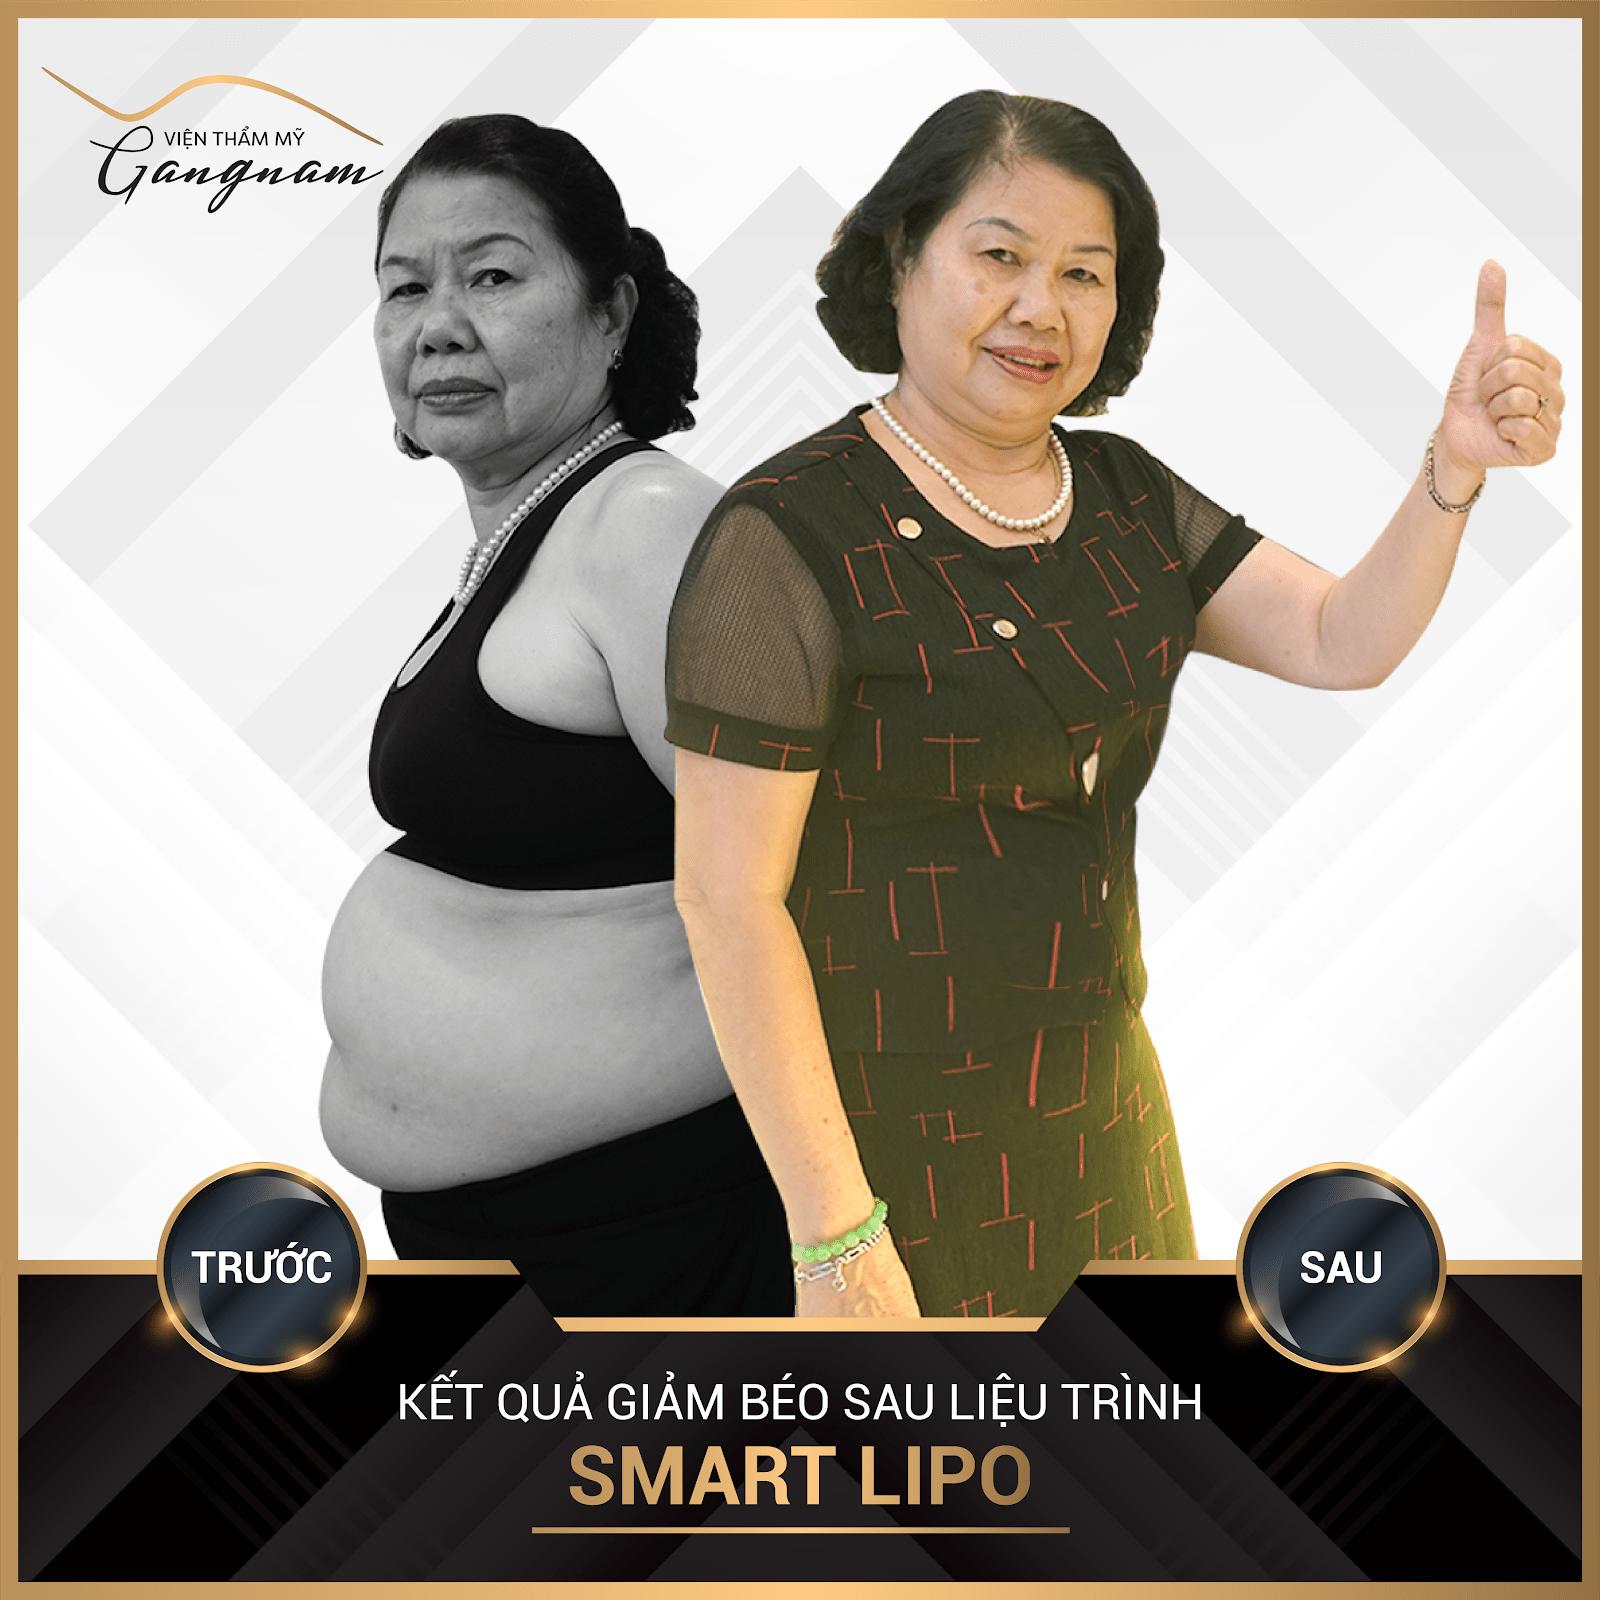 Cô Hồng giảm ngay 8kg và giảm 27cm vòng bụng sau liệu trình Smart Lipo